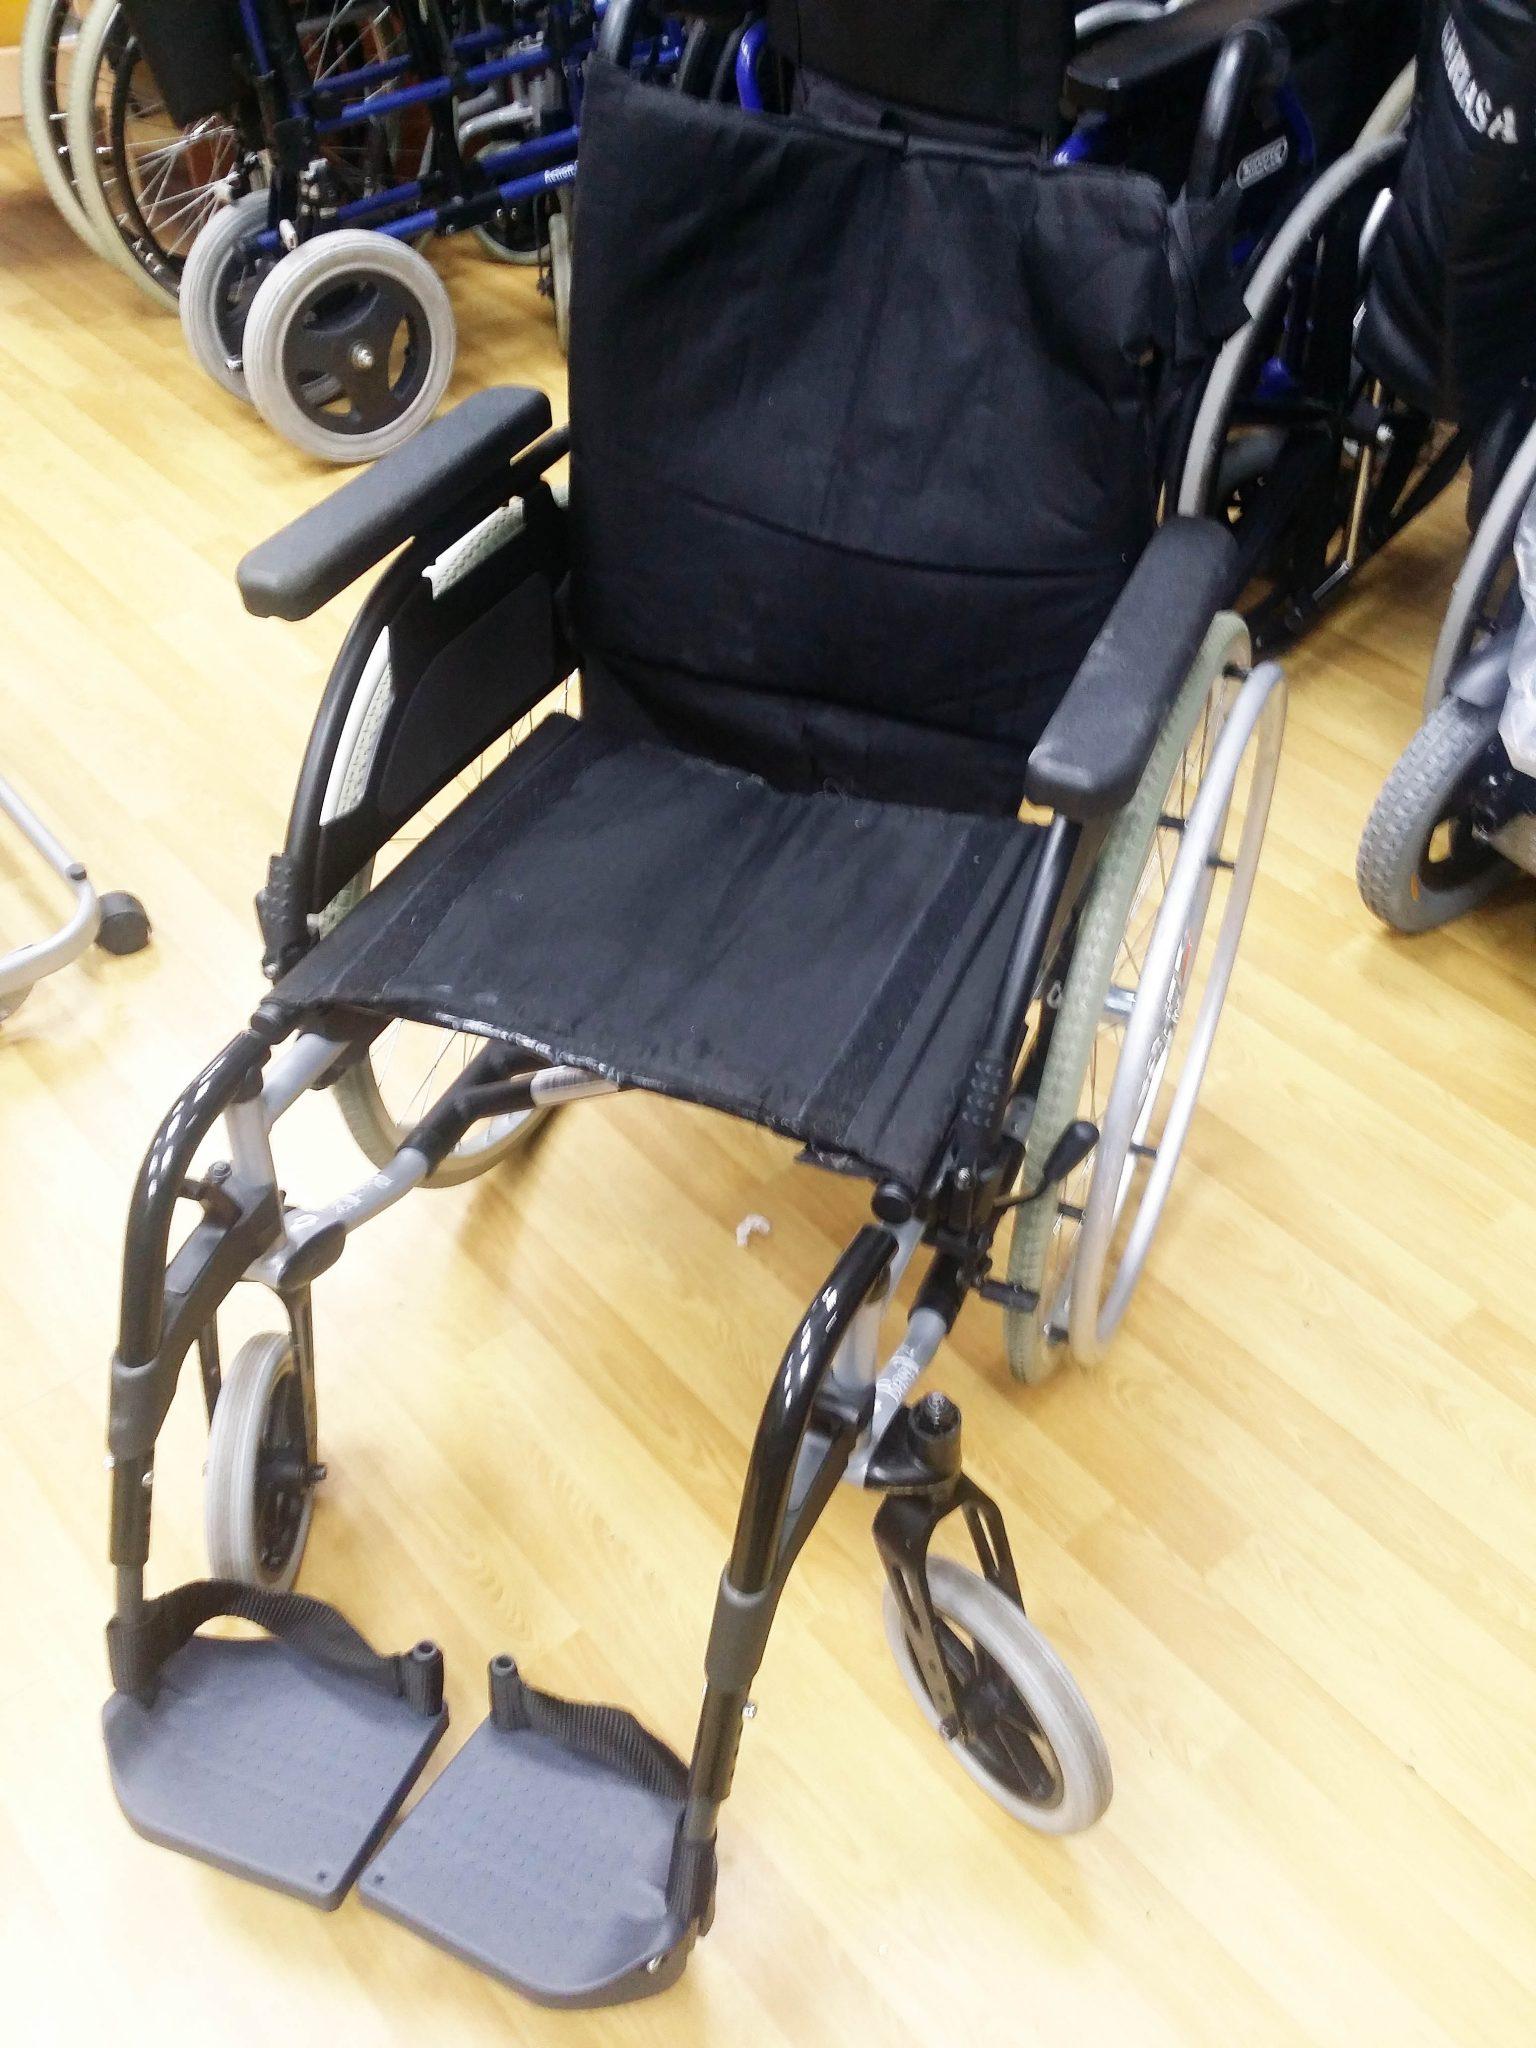 Silla de ruedas Breezy Basic2 SEGUNDAMANO Precio Disponibilidad